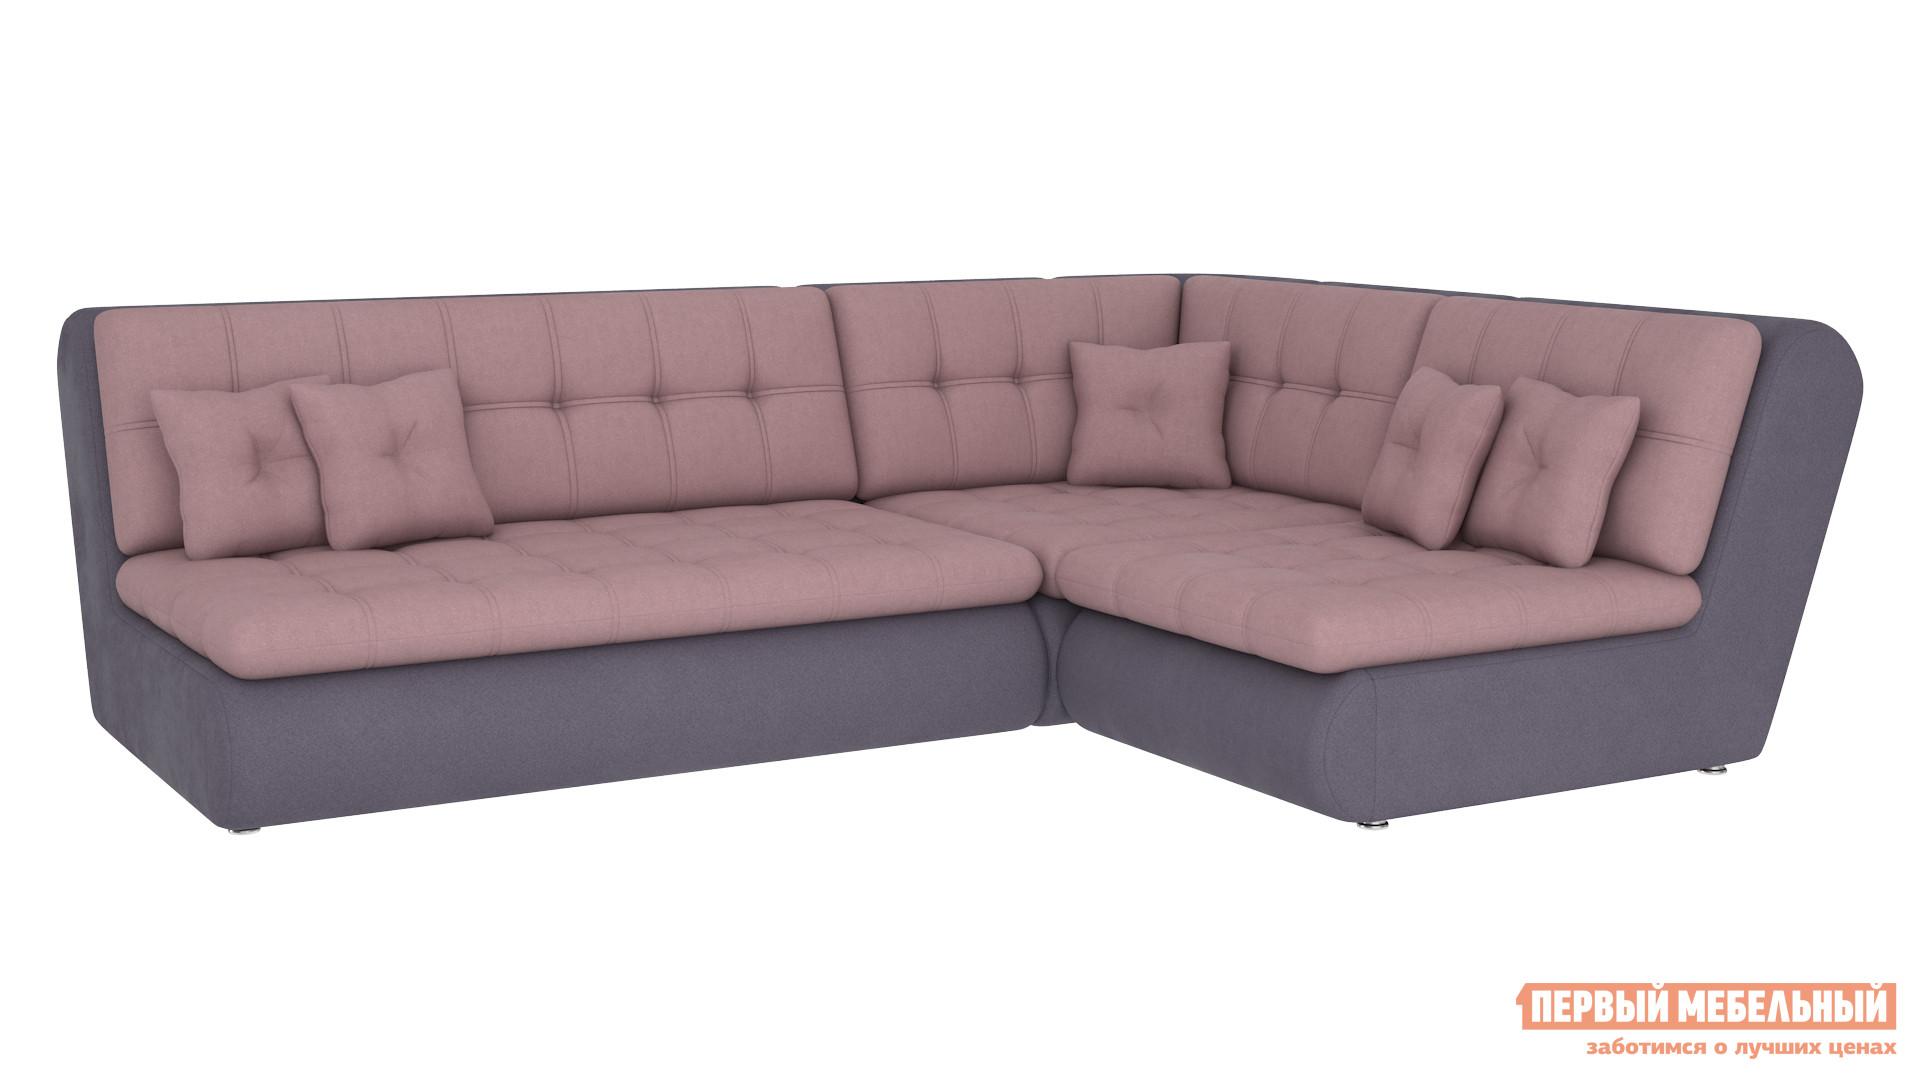 Угловой диван Первый Мебельный Диван Палермо угловой